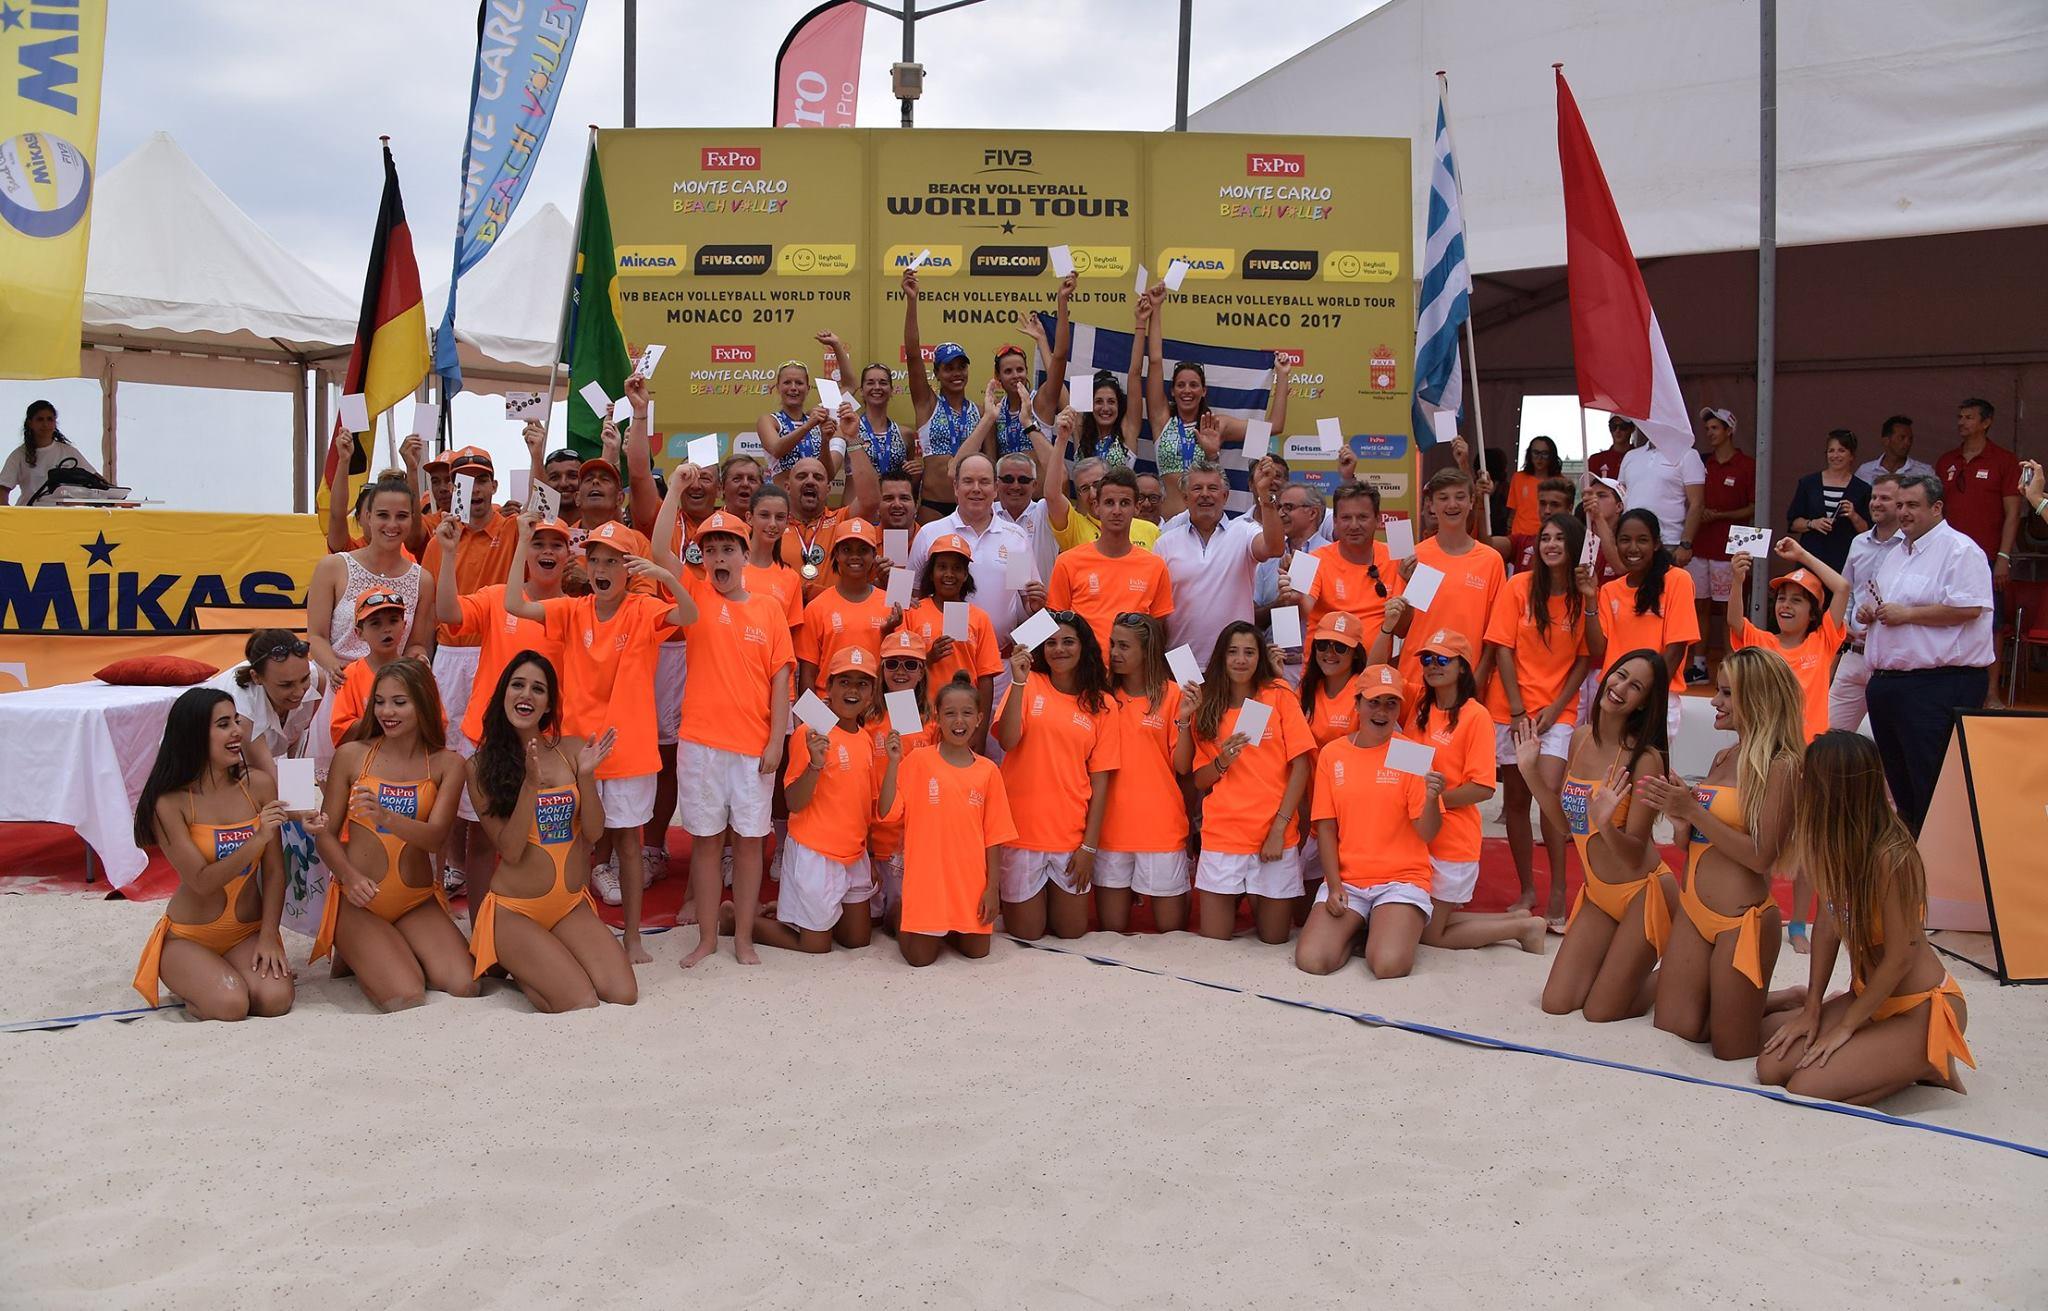 В Монако прошел 9-й чемпионат по пляжному волейболу